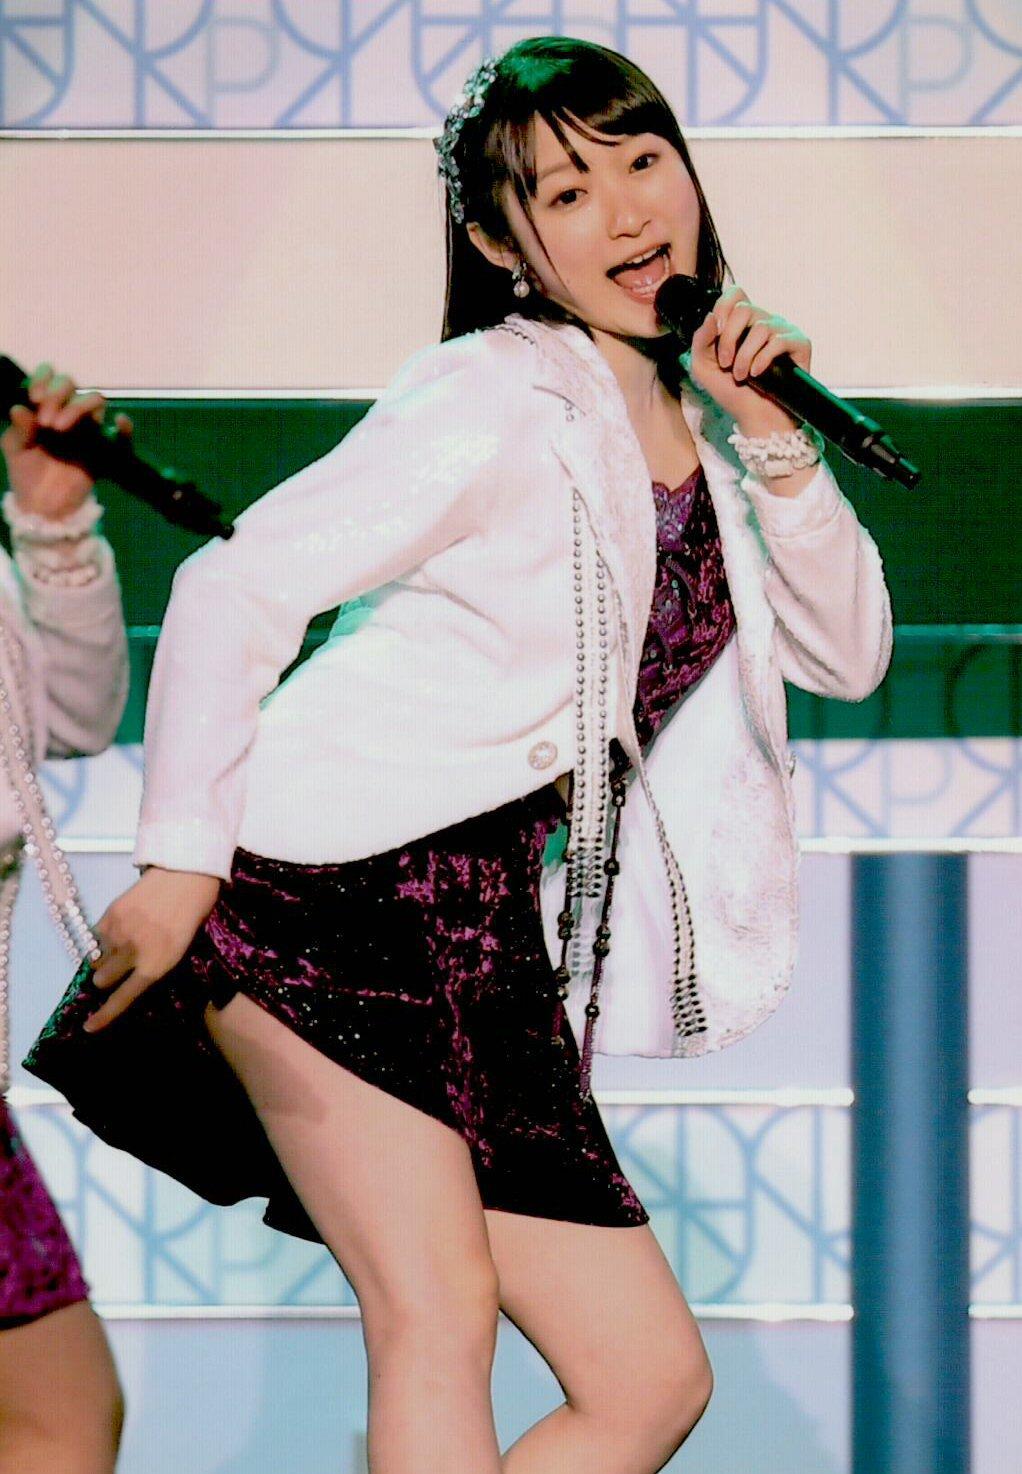 Concert, Juice=Juice, Miyamoto Karin (宮本佳林)